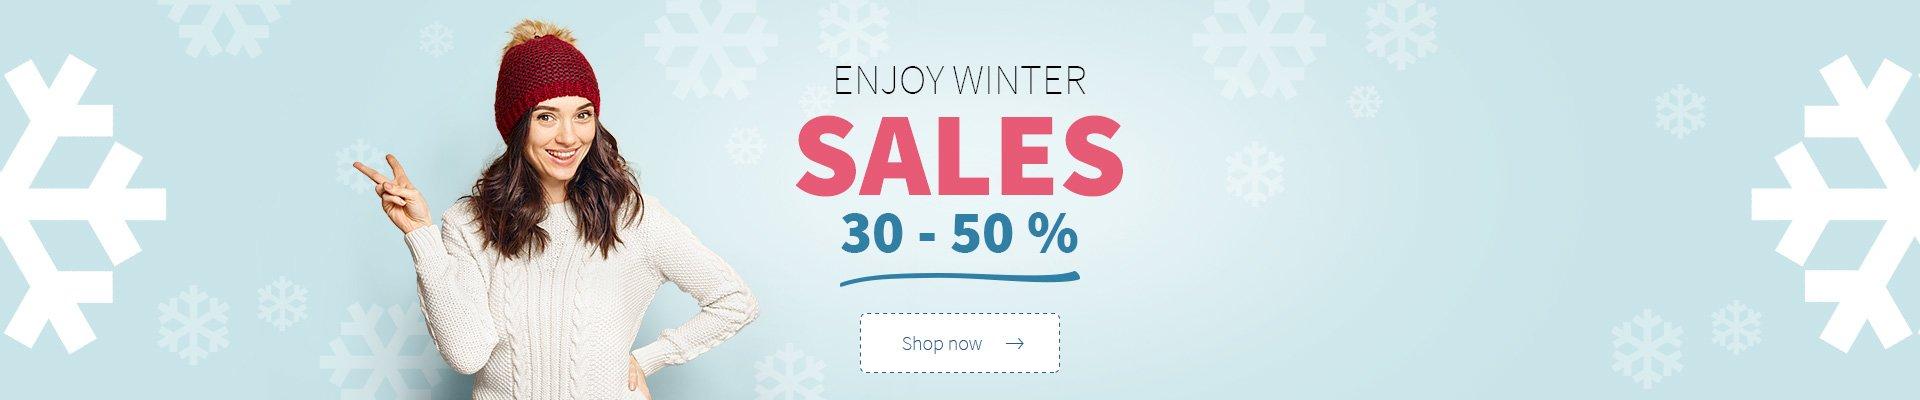 Winter discounts